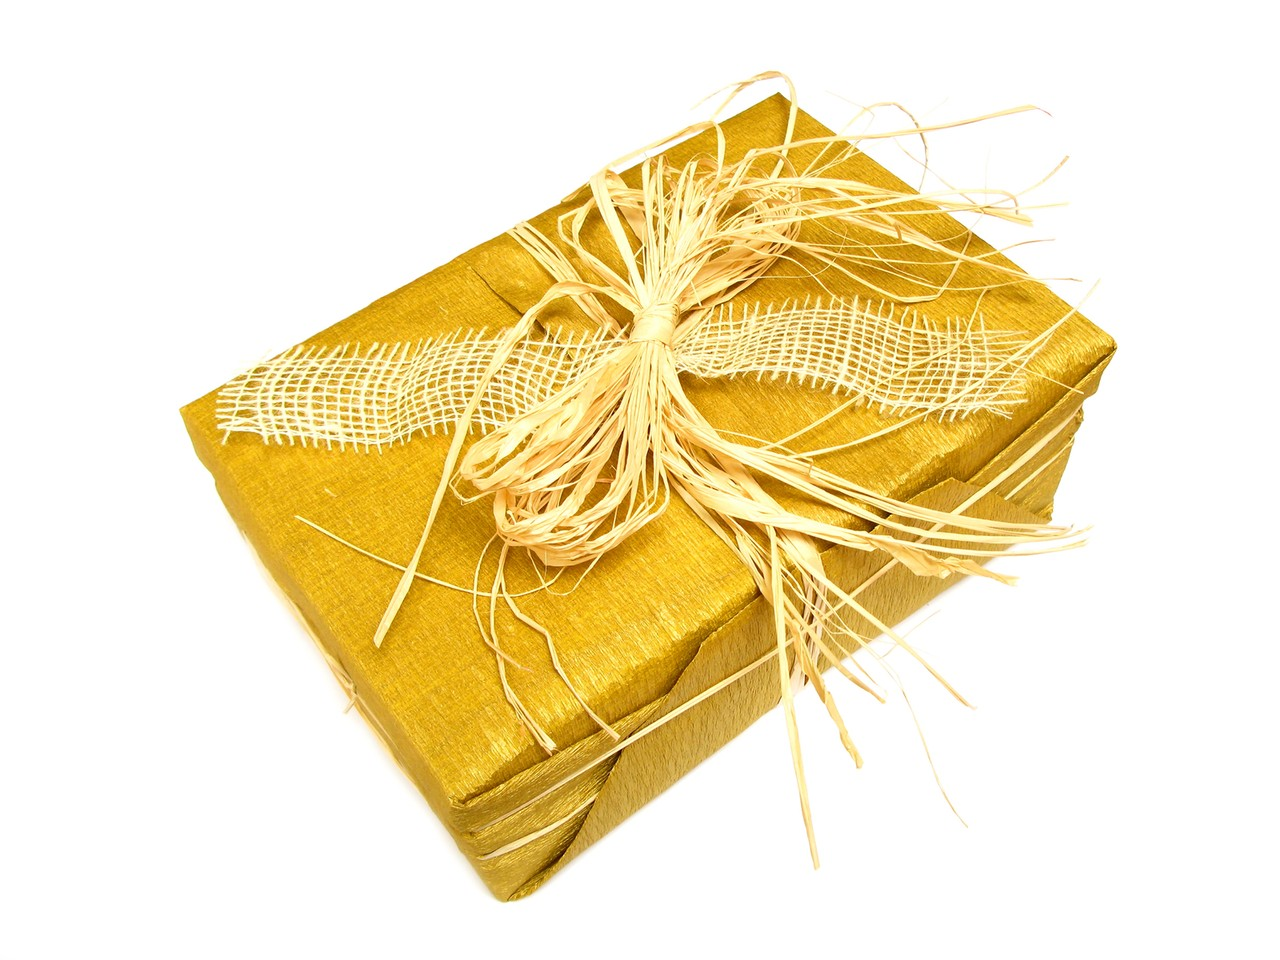 Kupuj przemyślane prezenty